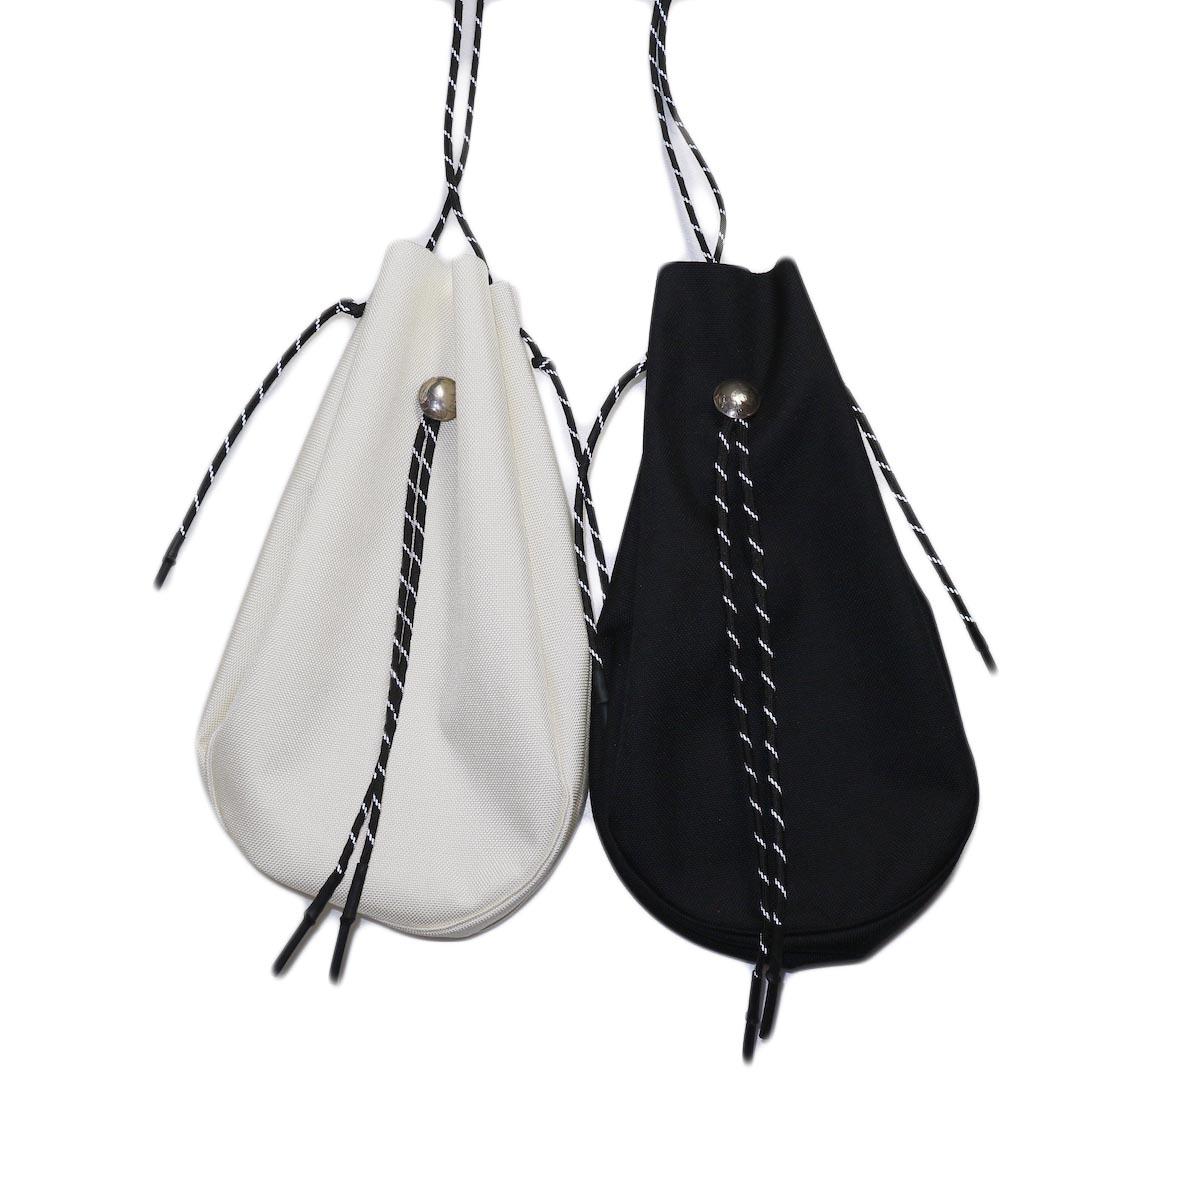 吉岡衣料店 / drawstring bag -L-. w/concho. white 2色